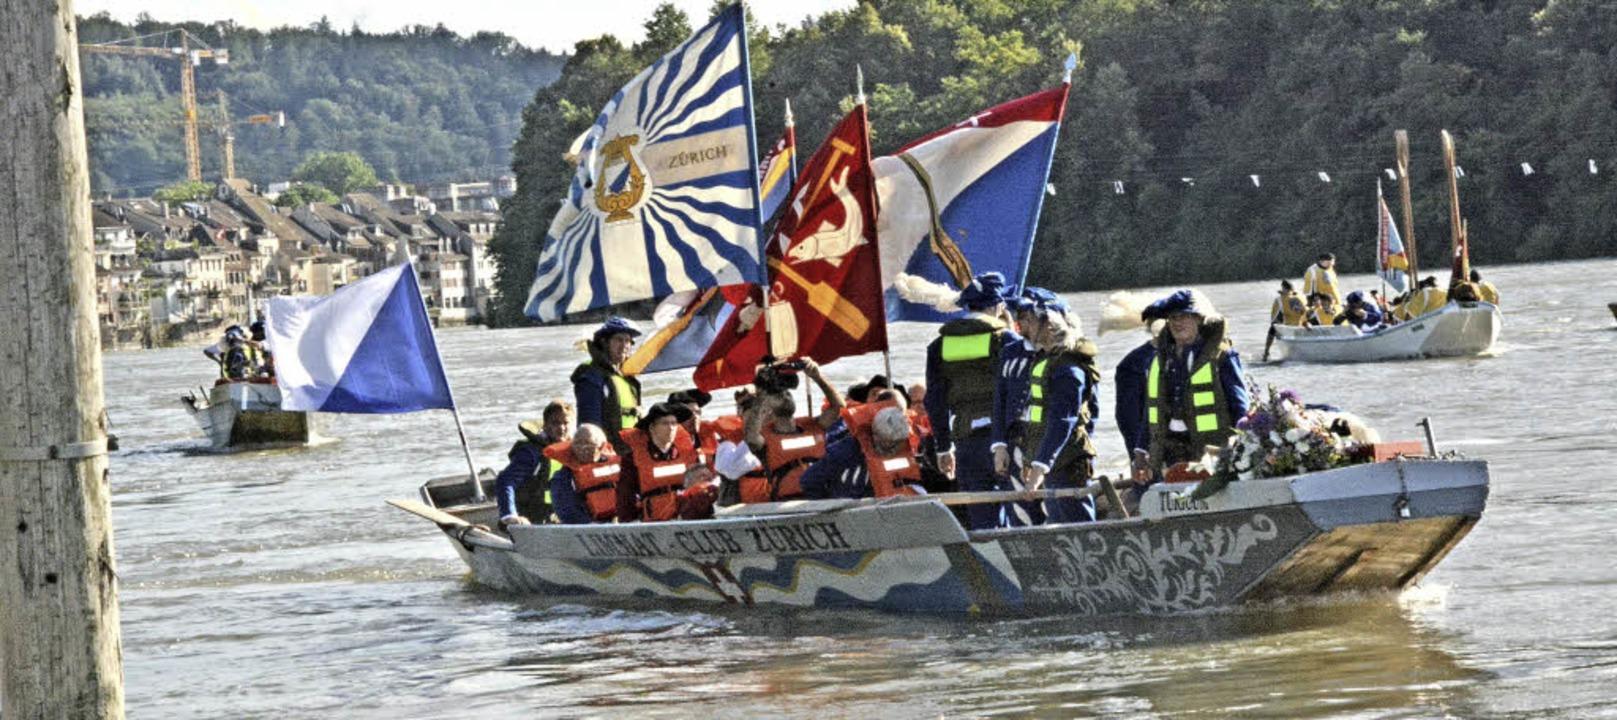 Gleich legt das Langboot des Limmat-Clubs Zürich an der Schifflände an.    Foto: Heinz Vollmar